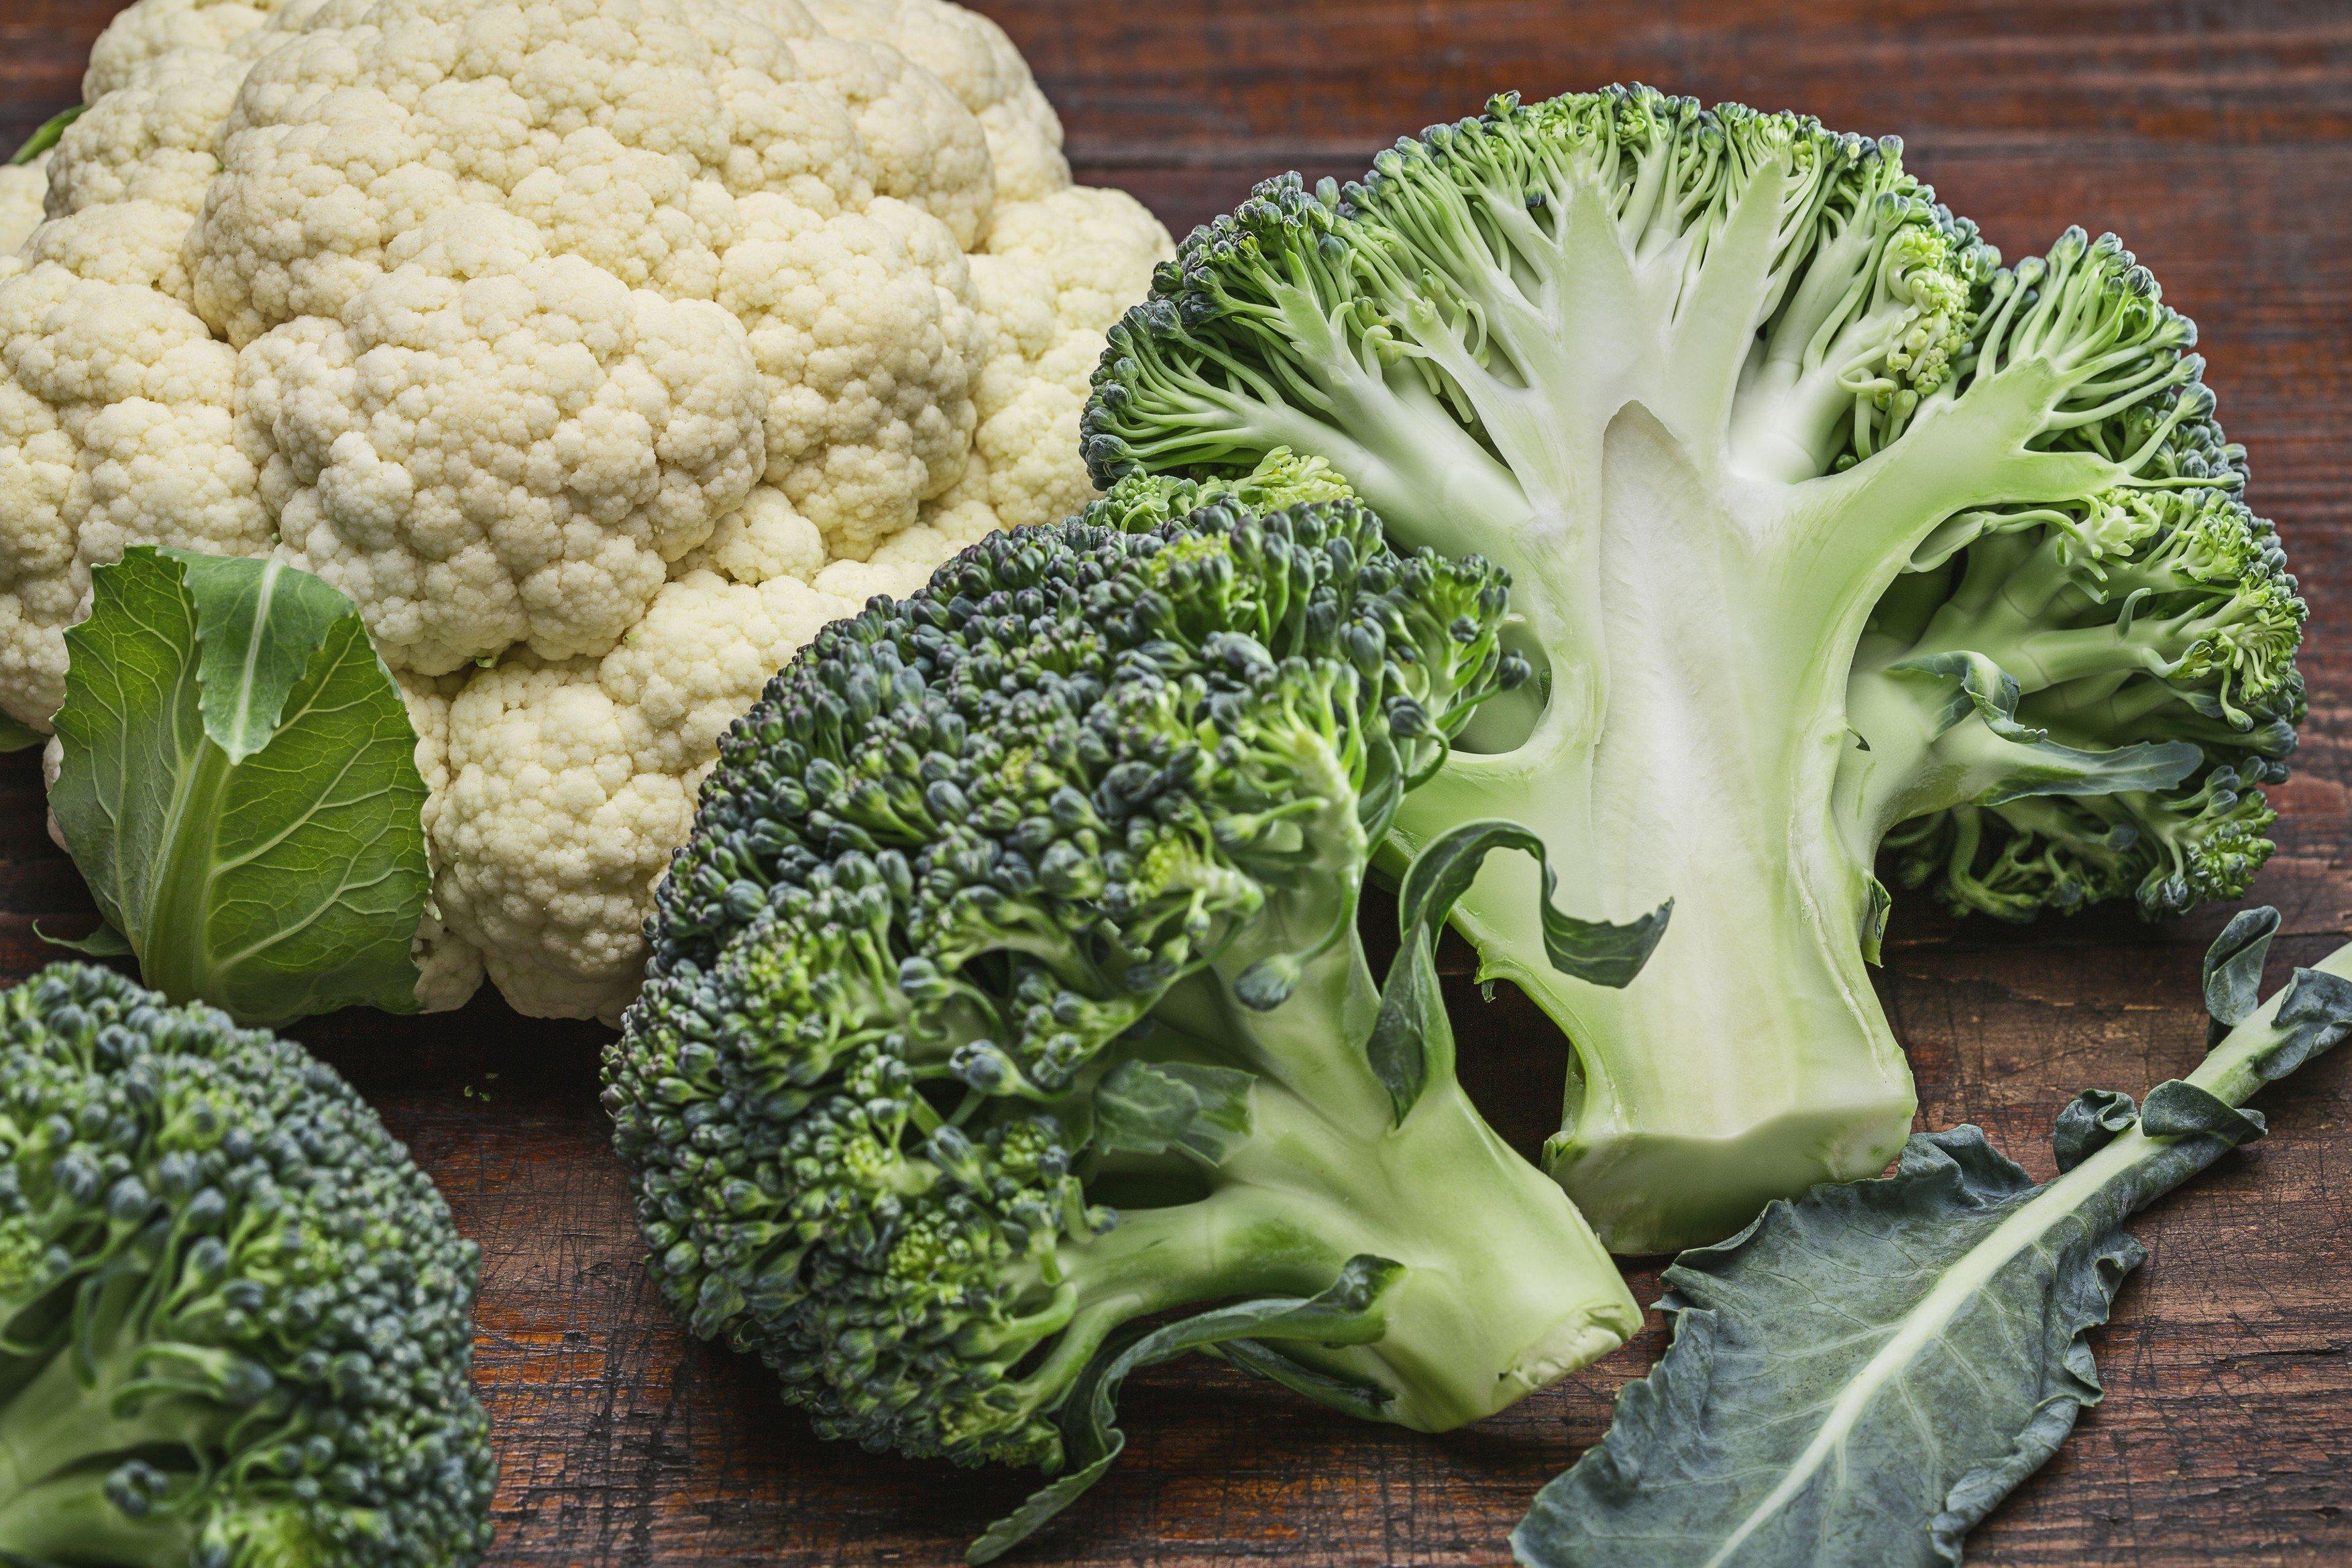 Brokolice a květák, zelenina, zdravá strava, dieta, hubnutí. Ilustrační foto